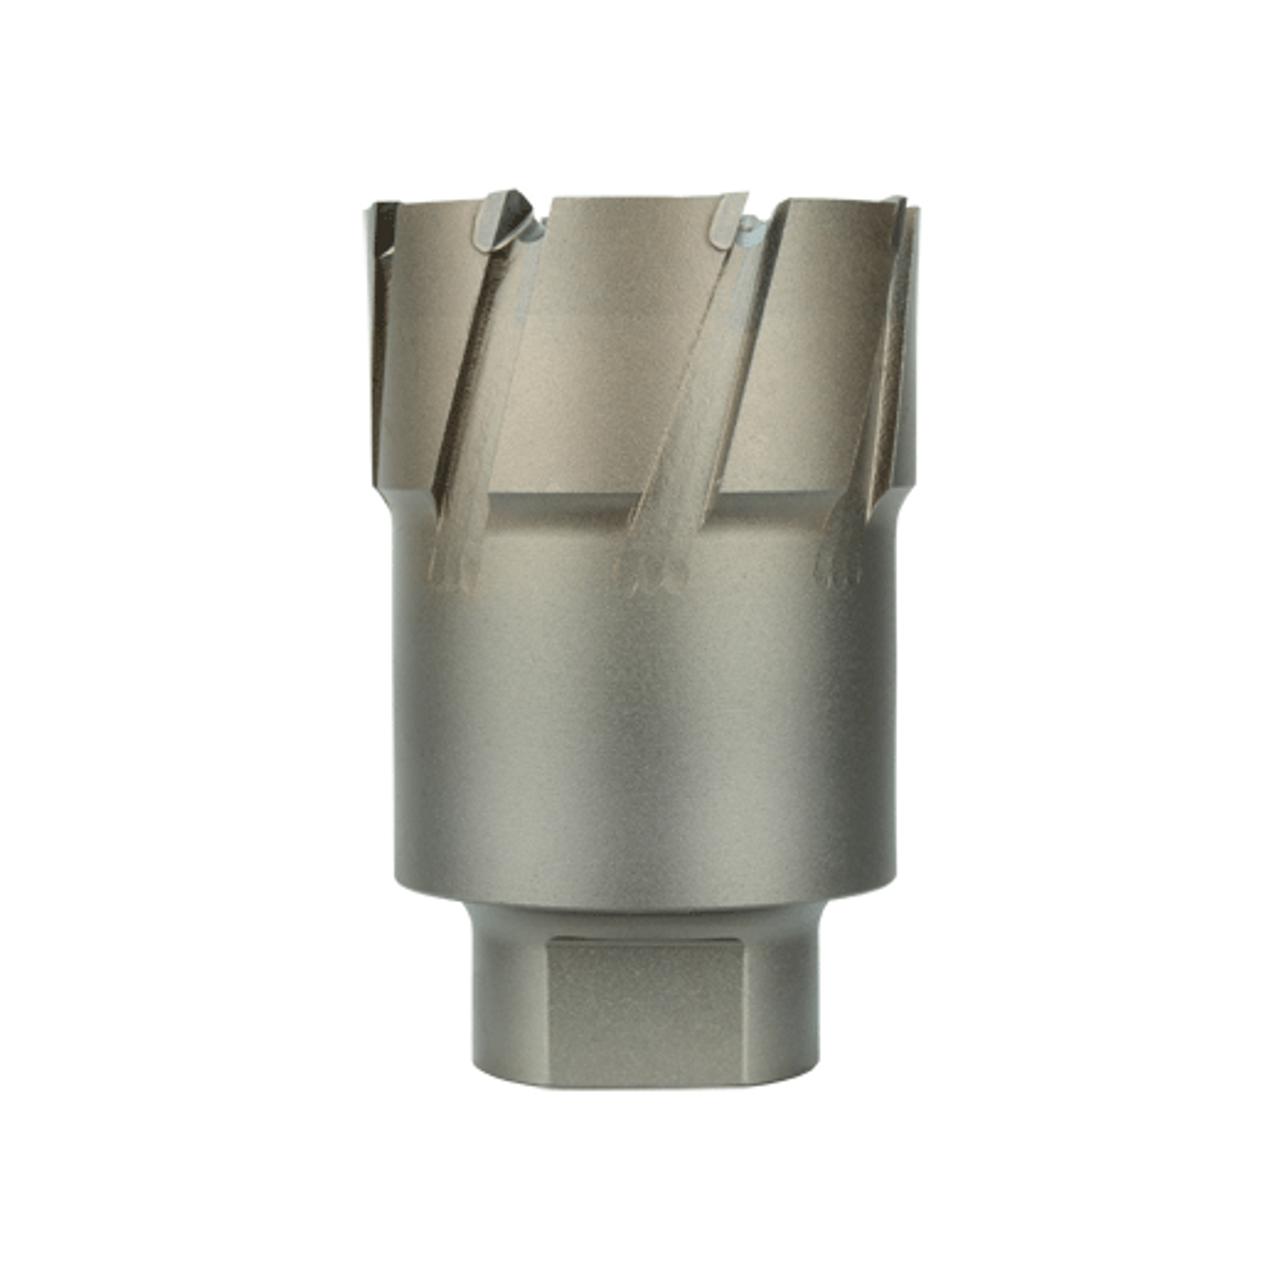 AlTiN Coated .3750 Shank Dia Carbide Grooving Tool .3750 Min Depth 2.5000 OAL RedLine Tools - RGB1211170A Bore .7500 Max